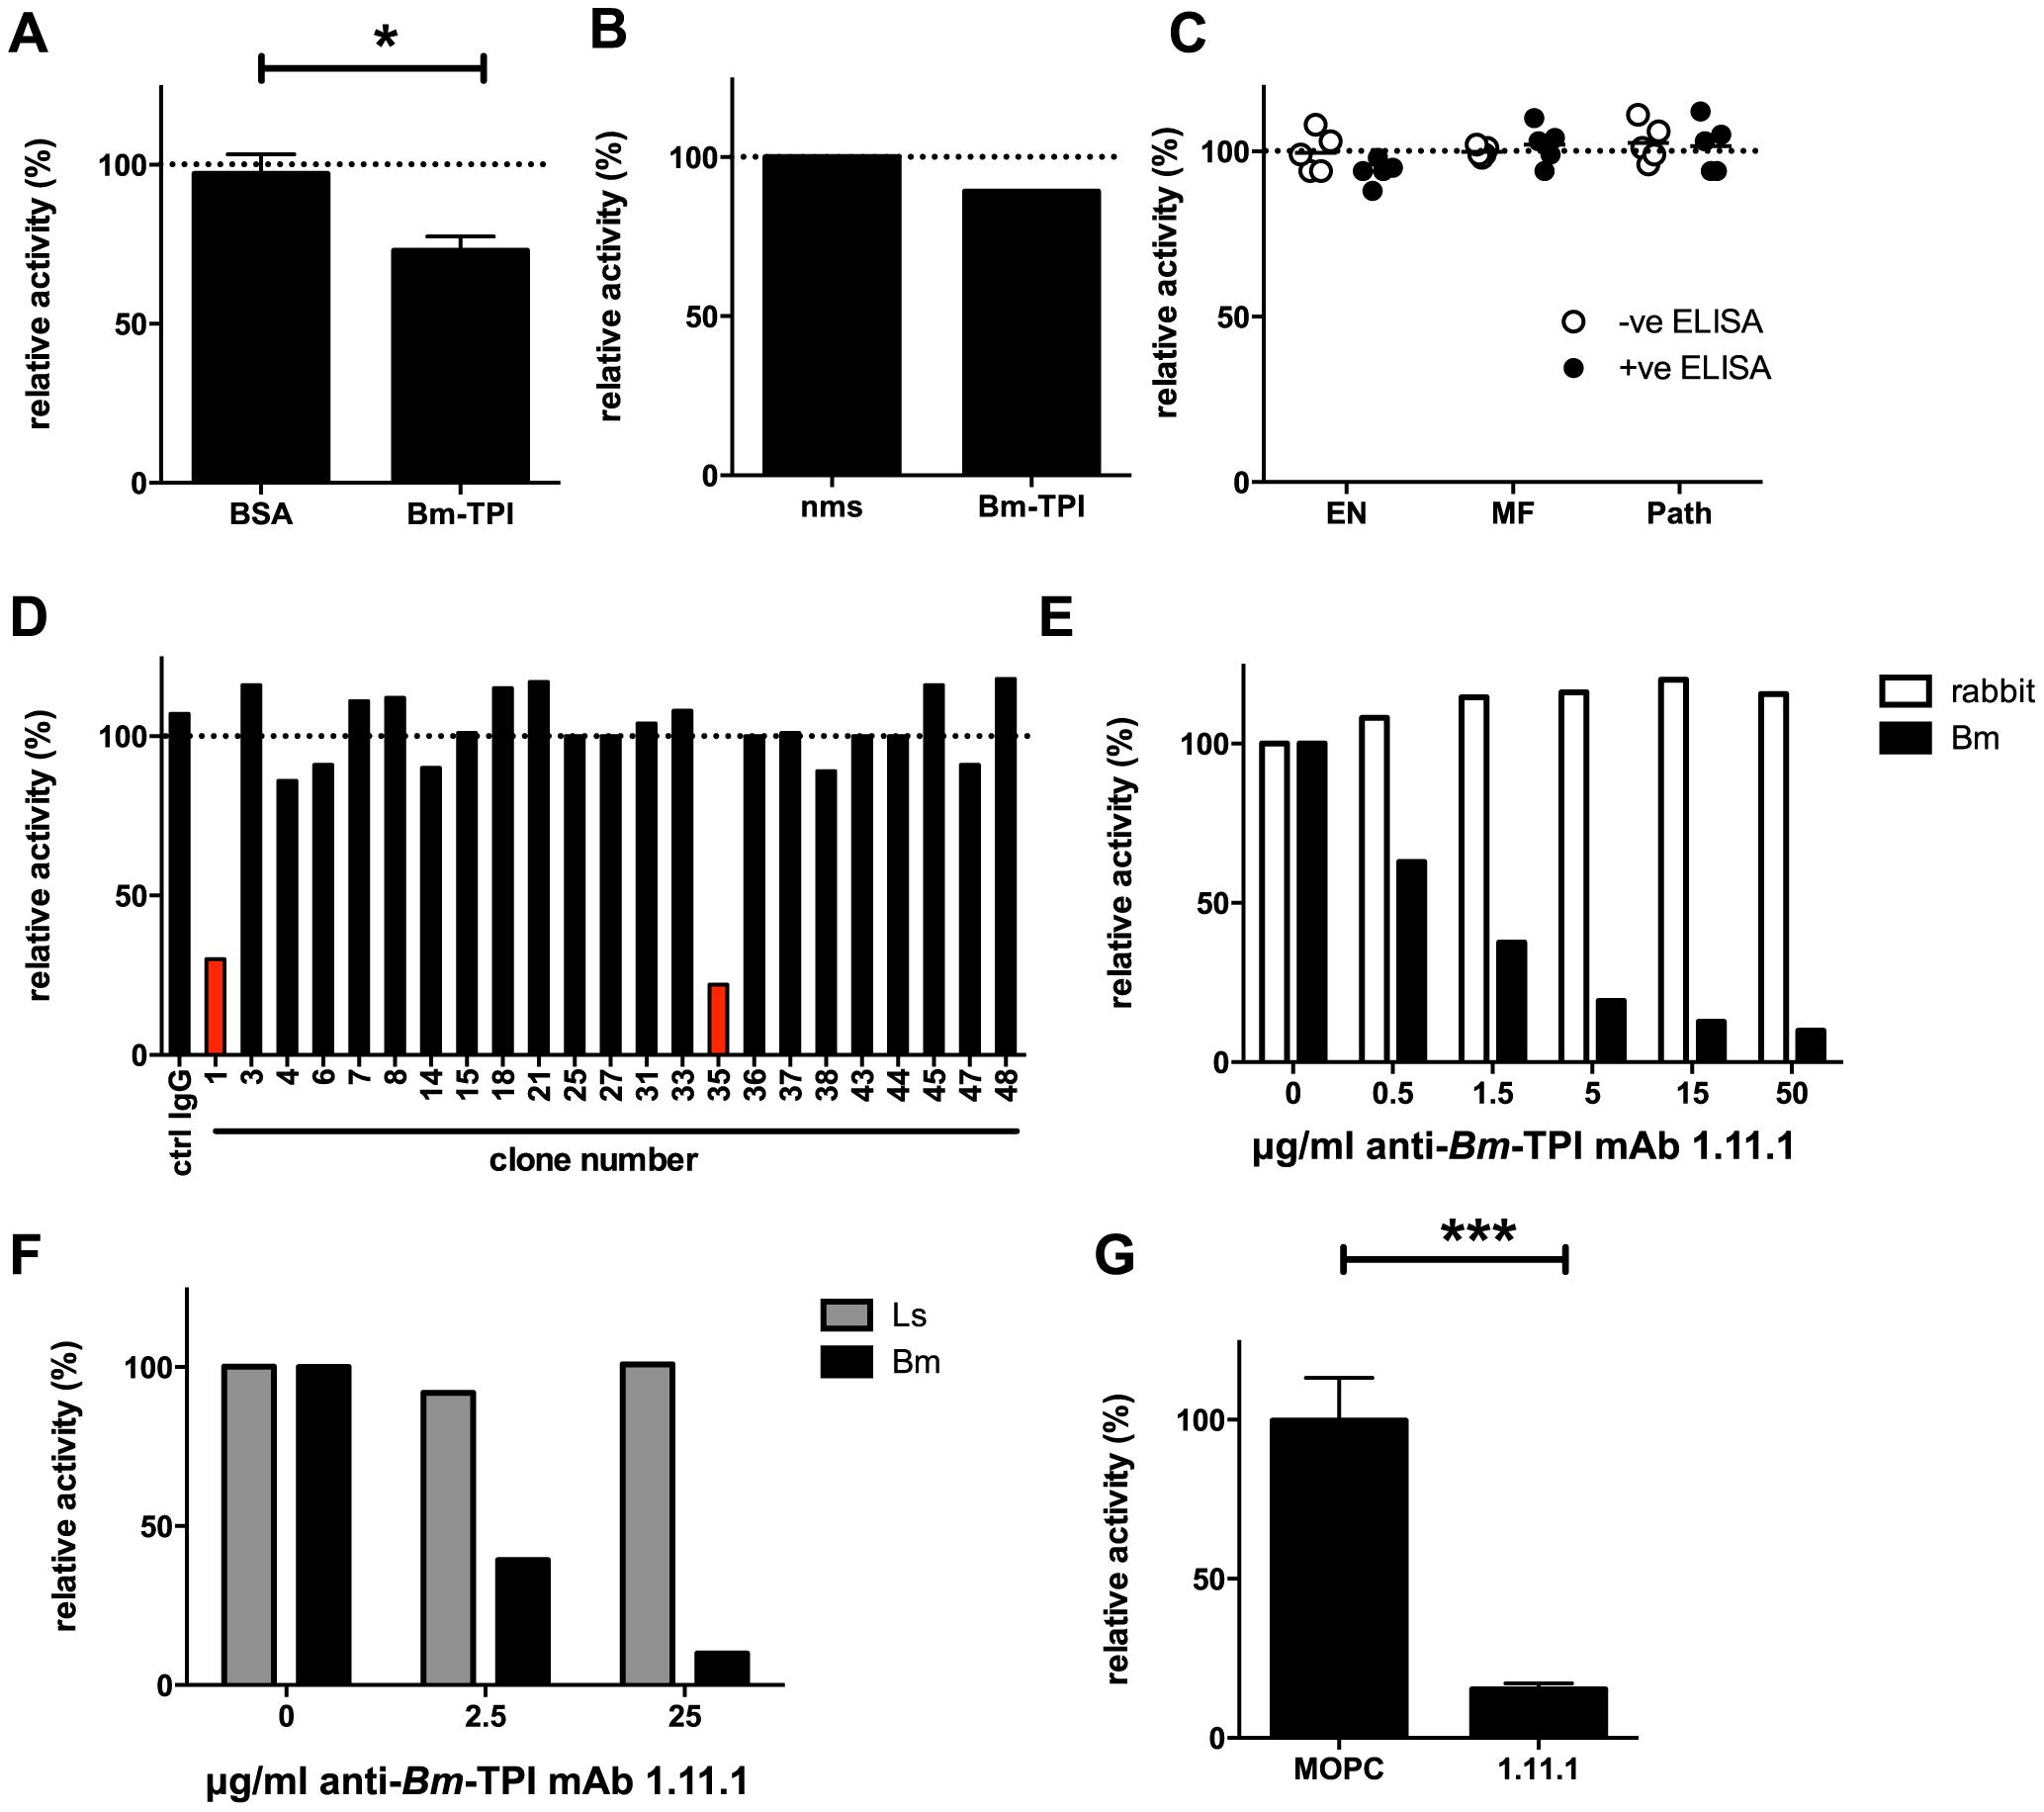 Generation of neutralizing antibodies to <i>Bm</i>-TPI.